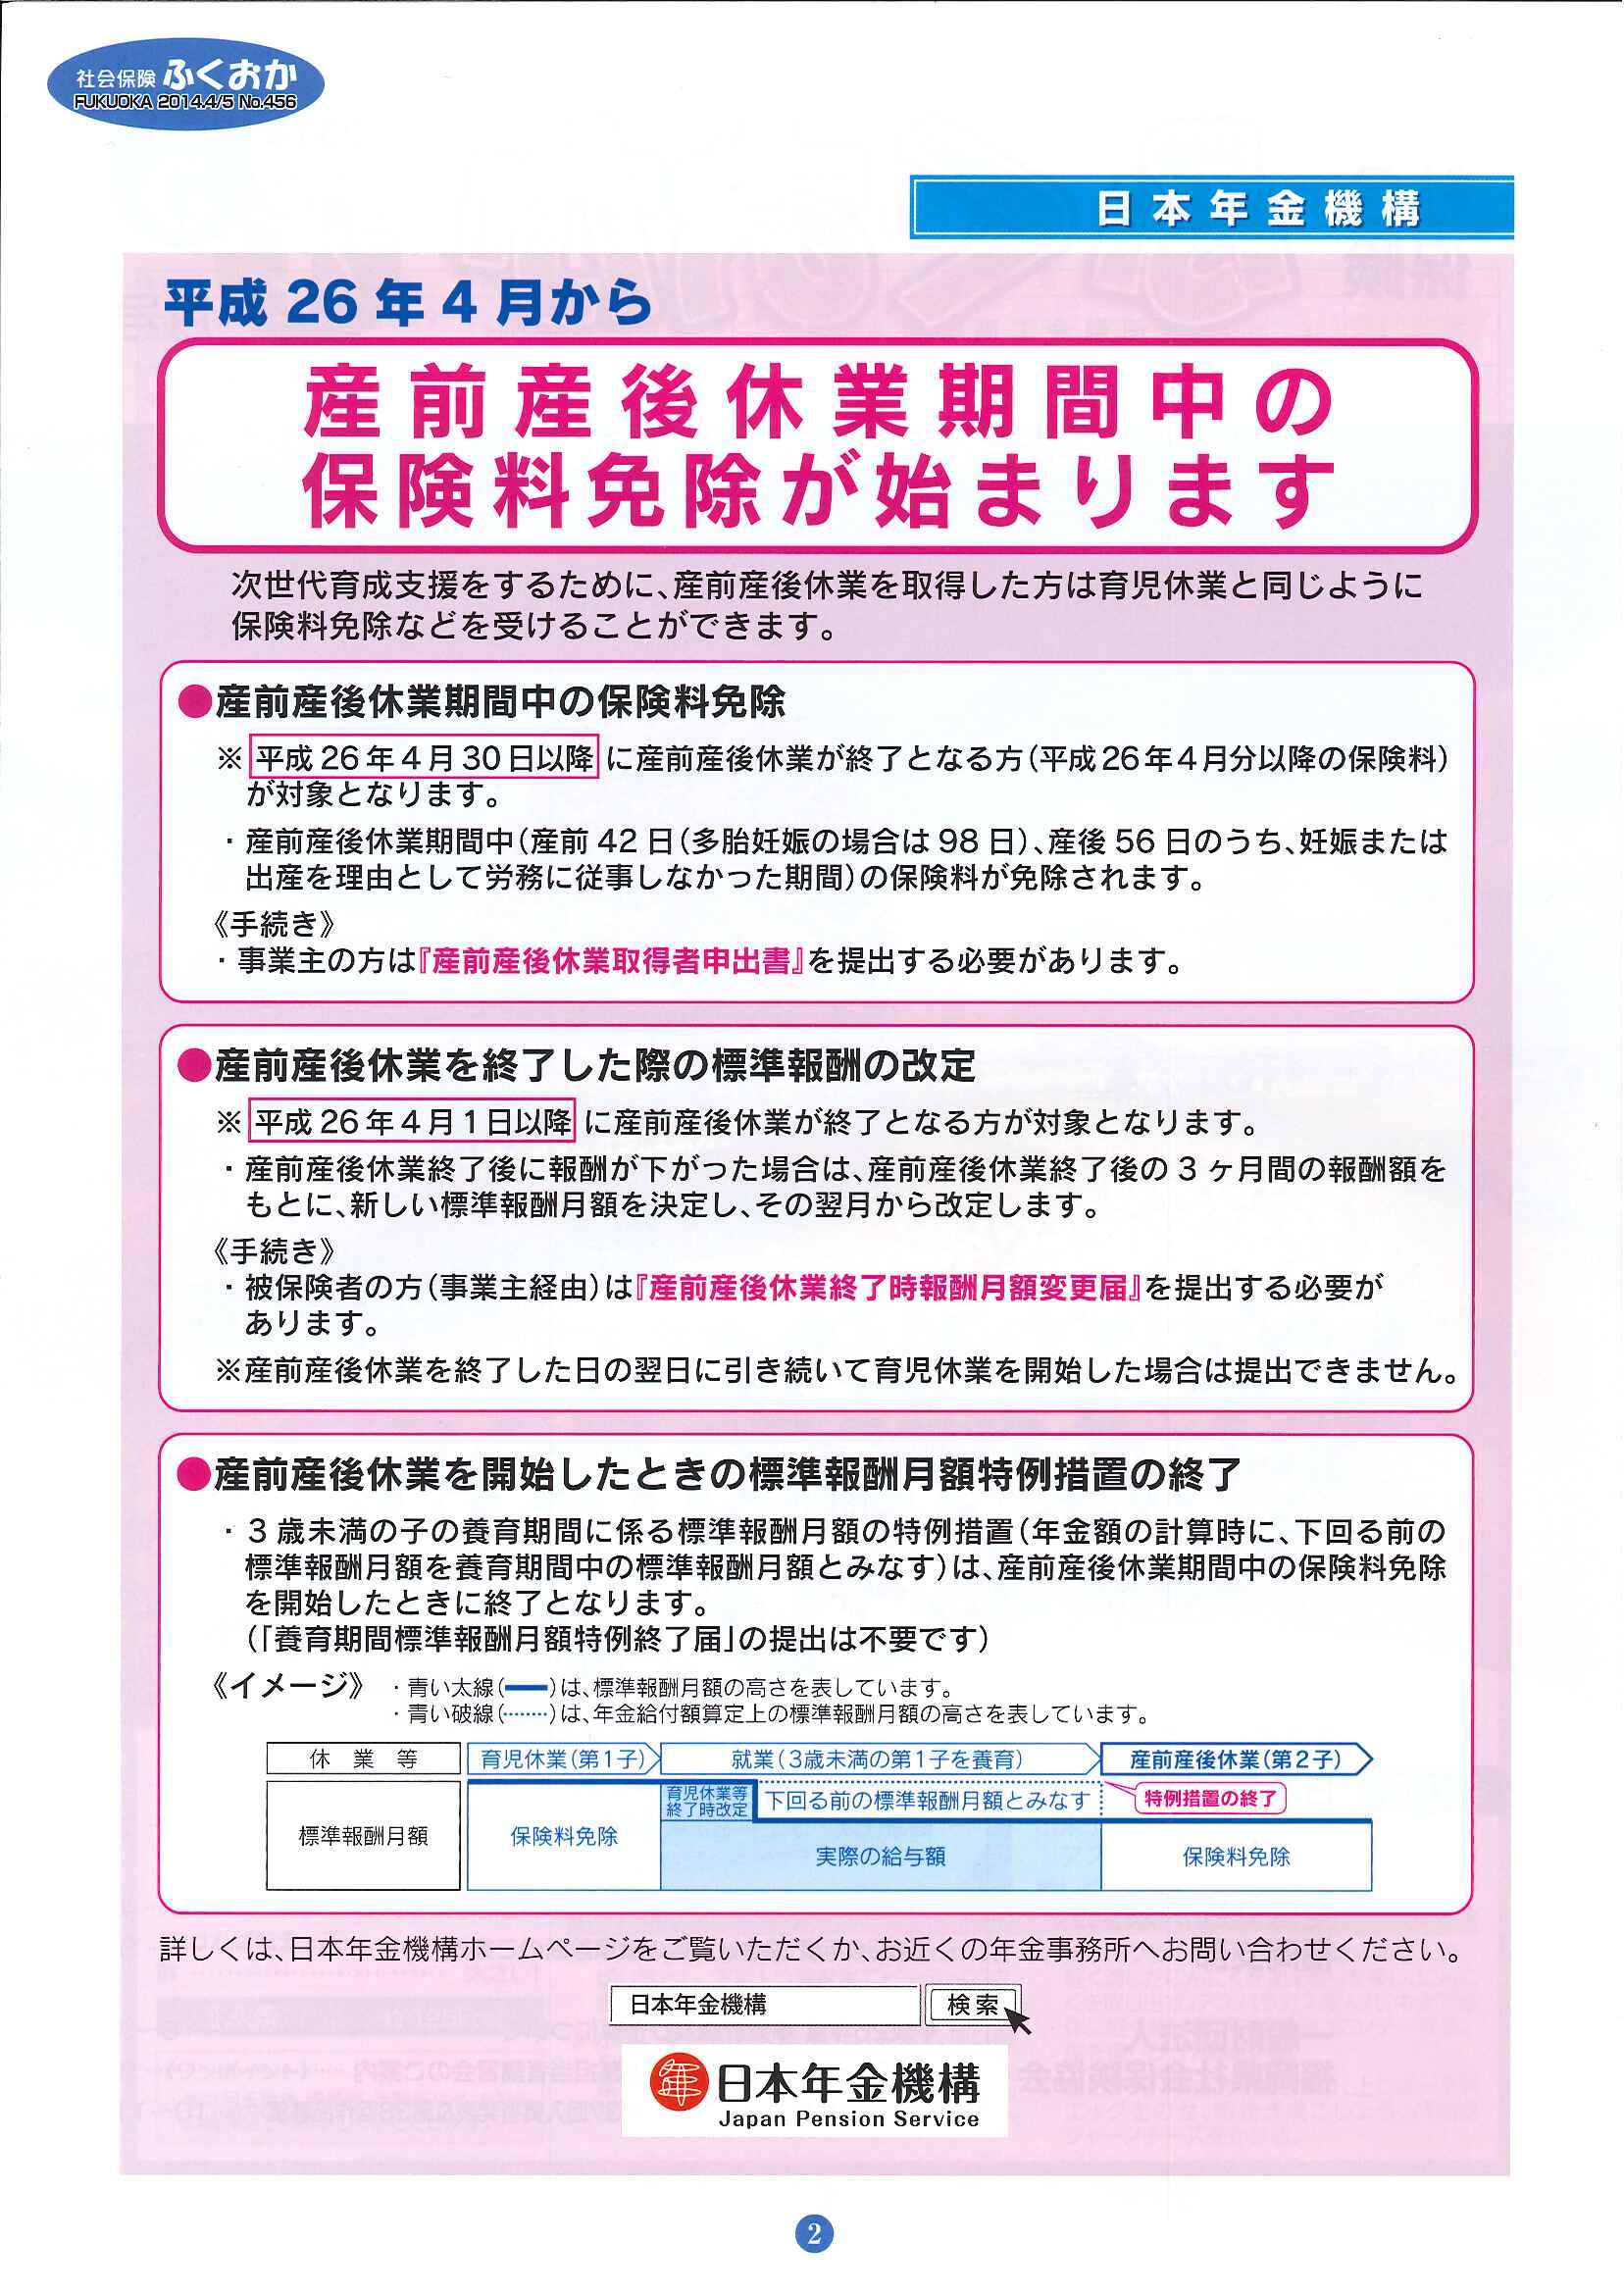 社会保険 ふくおか 2014年4・5月号_f0120774_14584457.jpg